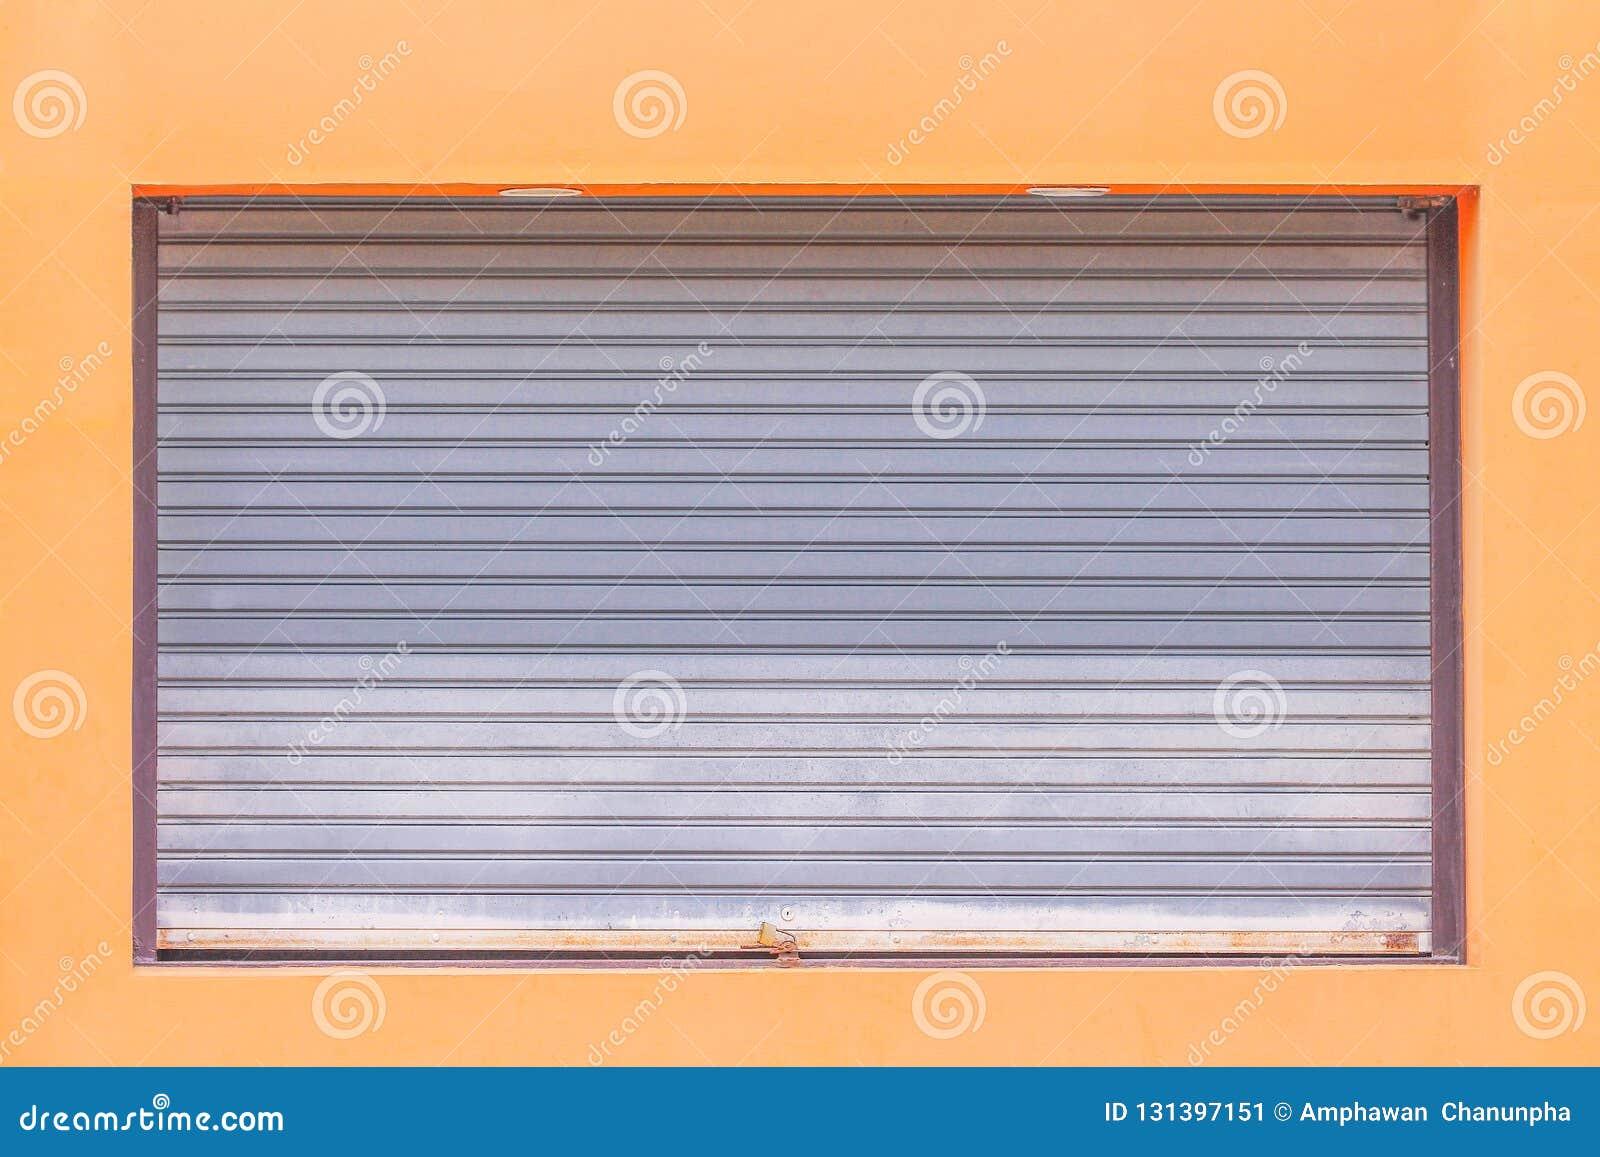 Puerta de acero rodante gris o puerta del obturador del rodillo con el candado en el fondo anaranjado de la pared, modelos del me